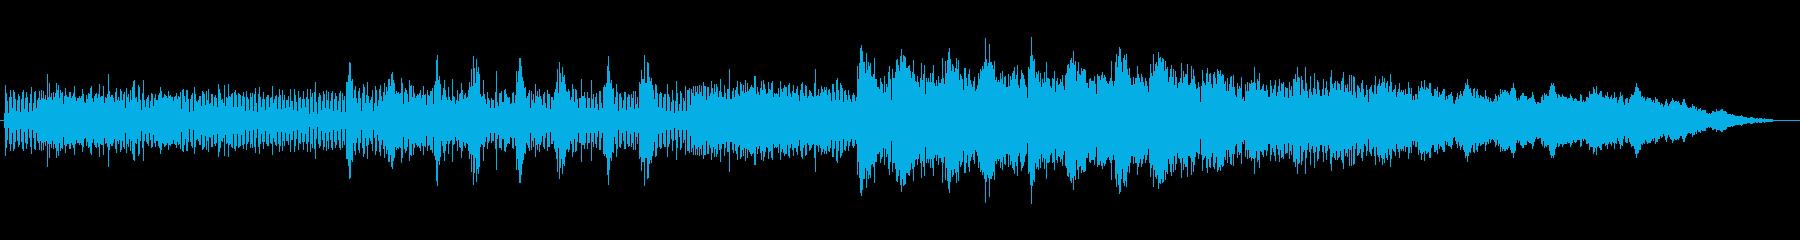 透明感と神秘的なシンセサウンドの再生済みの波形